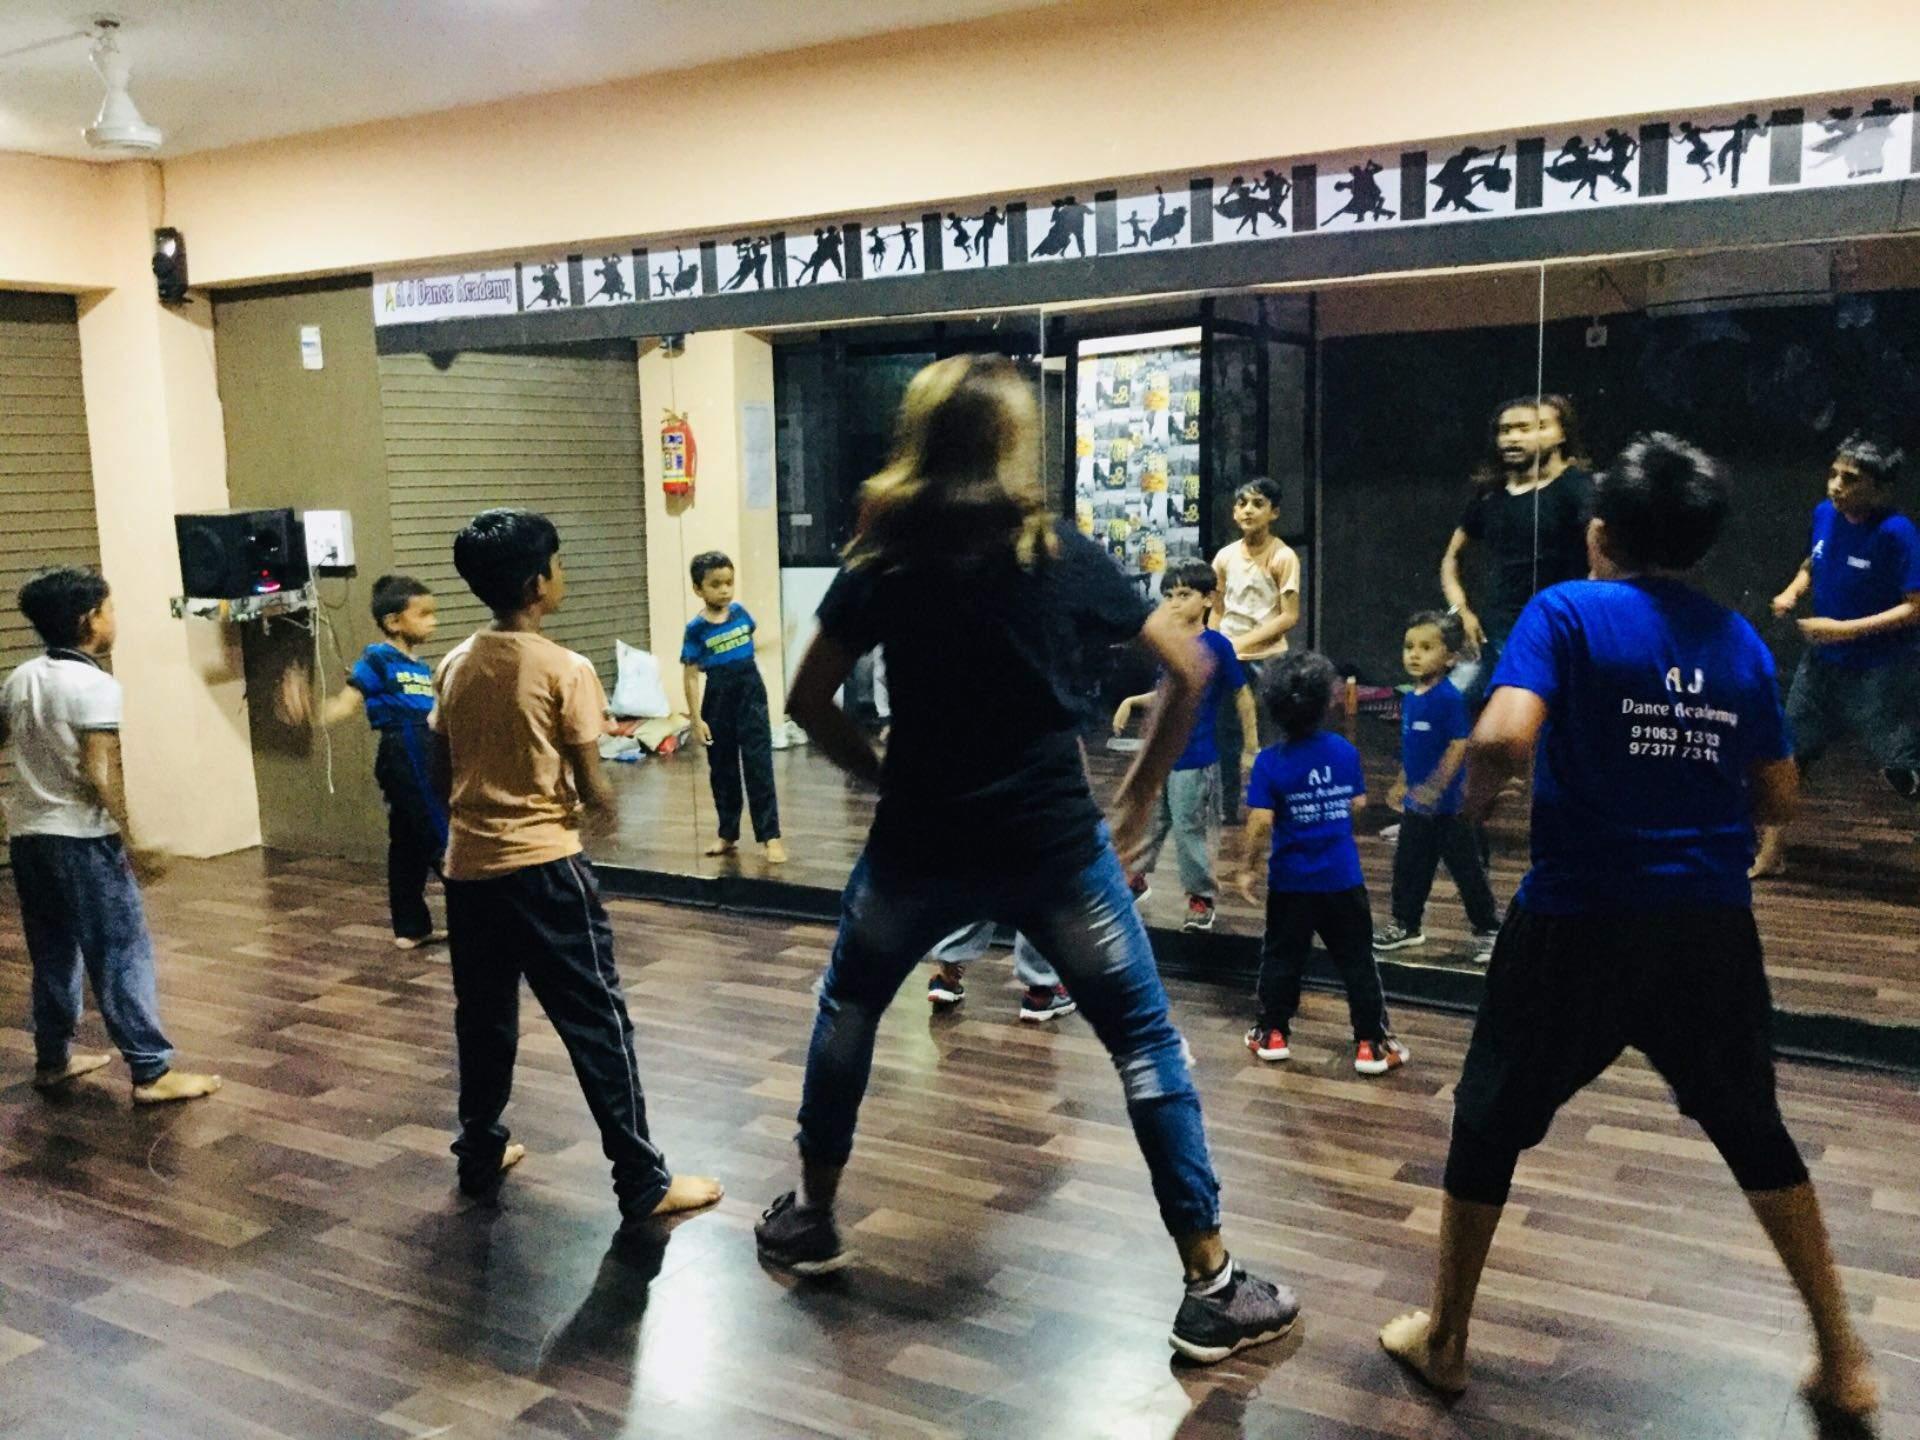 Aj Dance Academy Singarva